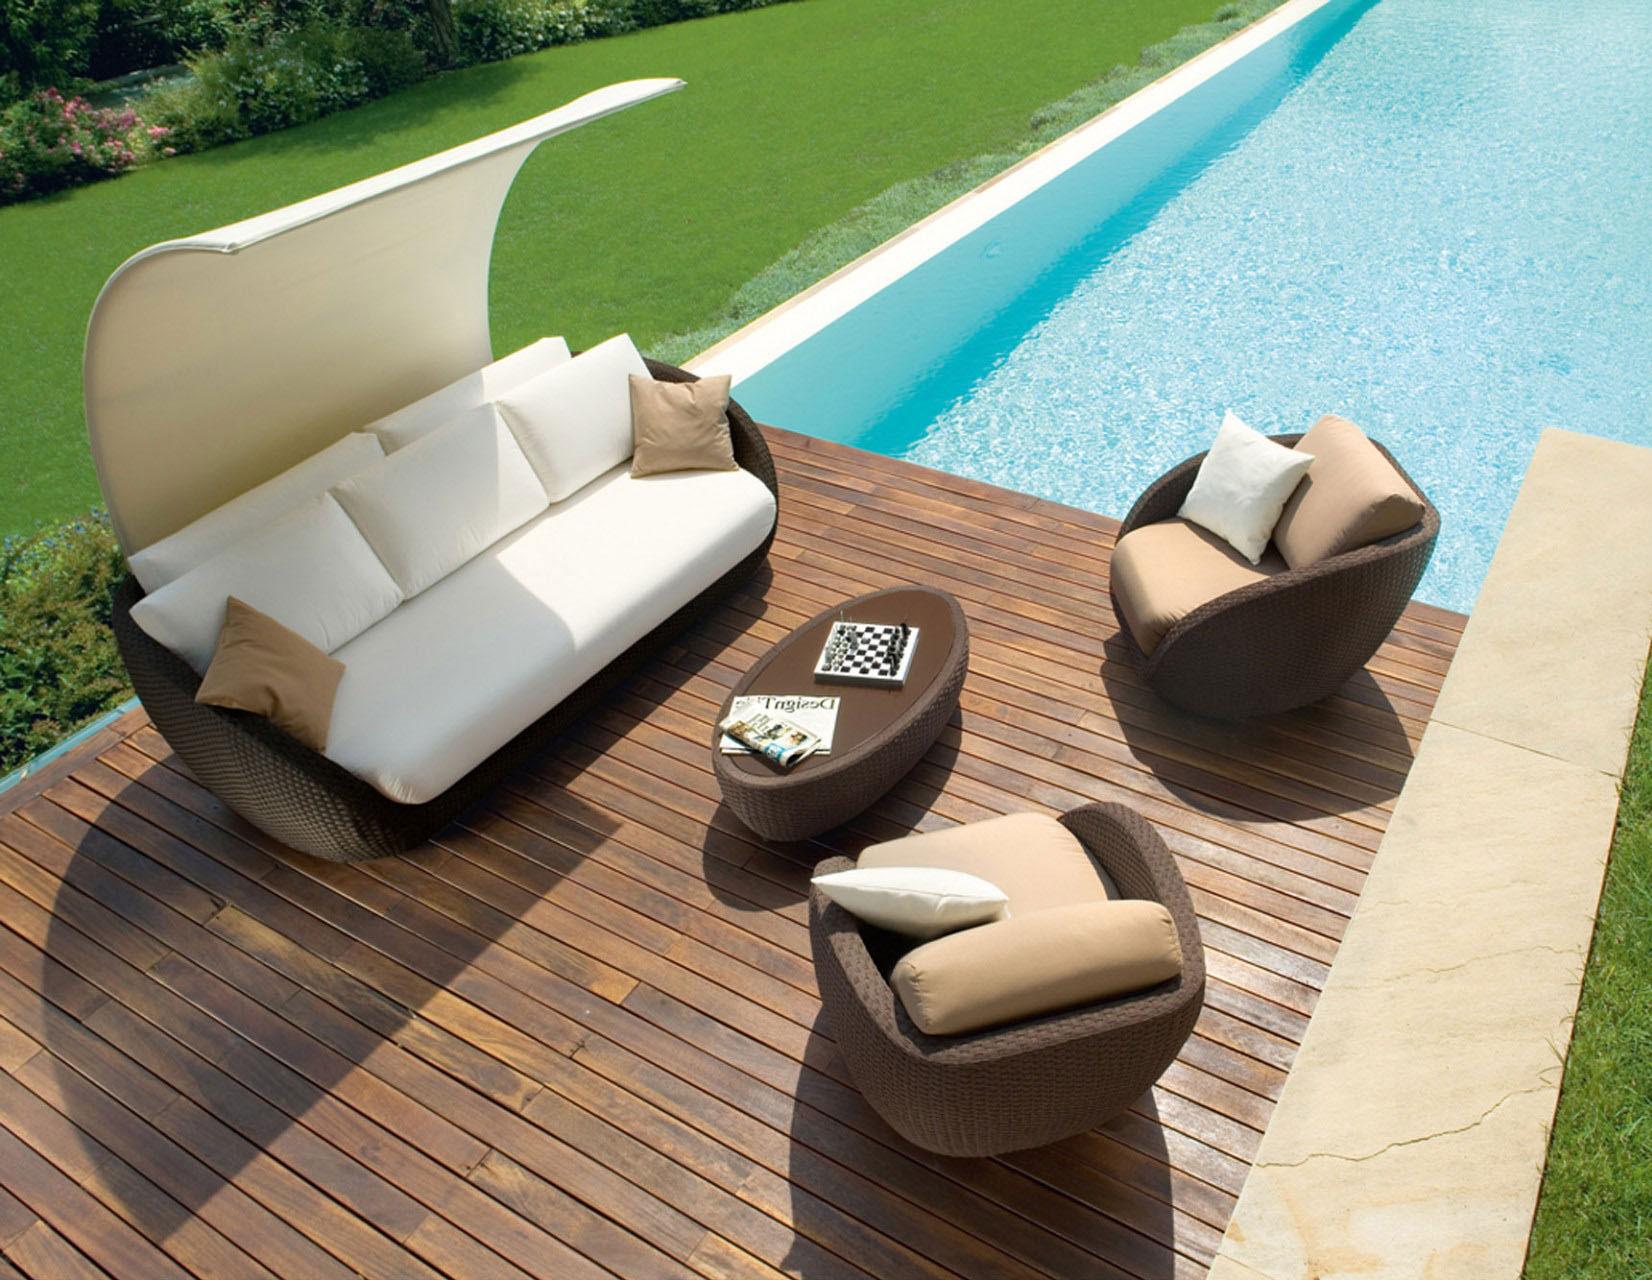 outdoor sofa set, unique set for outdoor use, kathistiko exoterikou xorou, monternos kanapes exoterikou xorou, coffee table for outdoor use, sofa with armchairs for outdoor use,